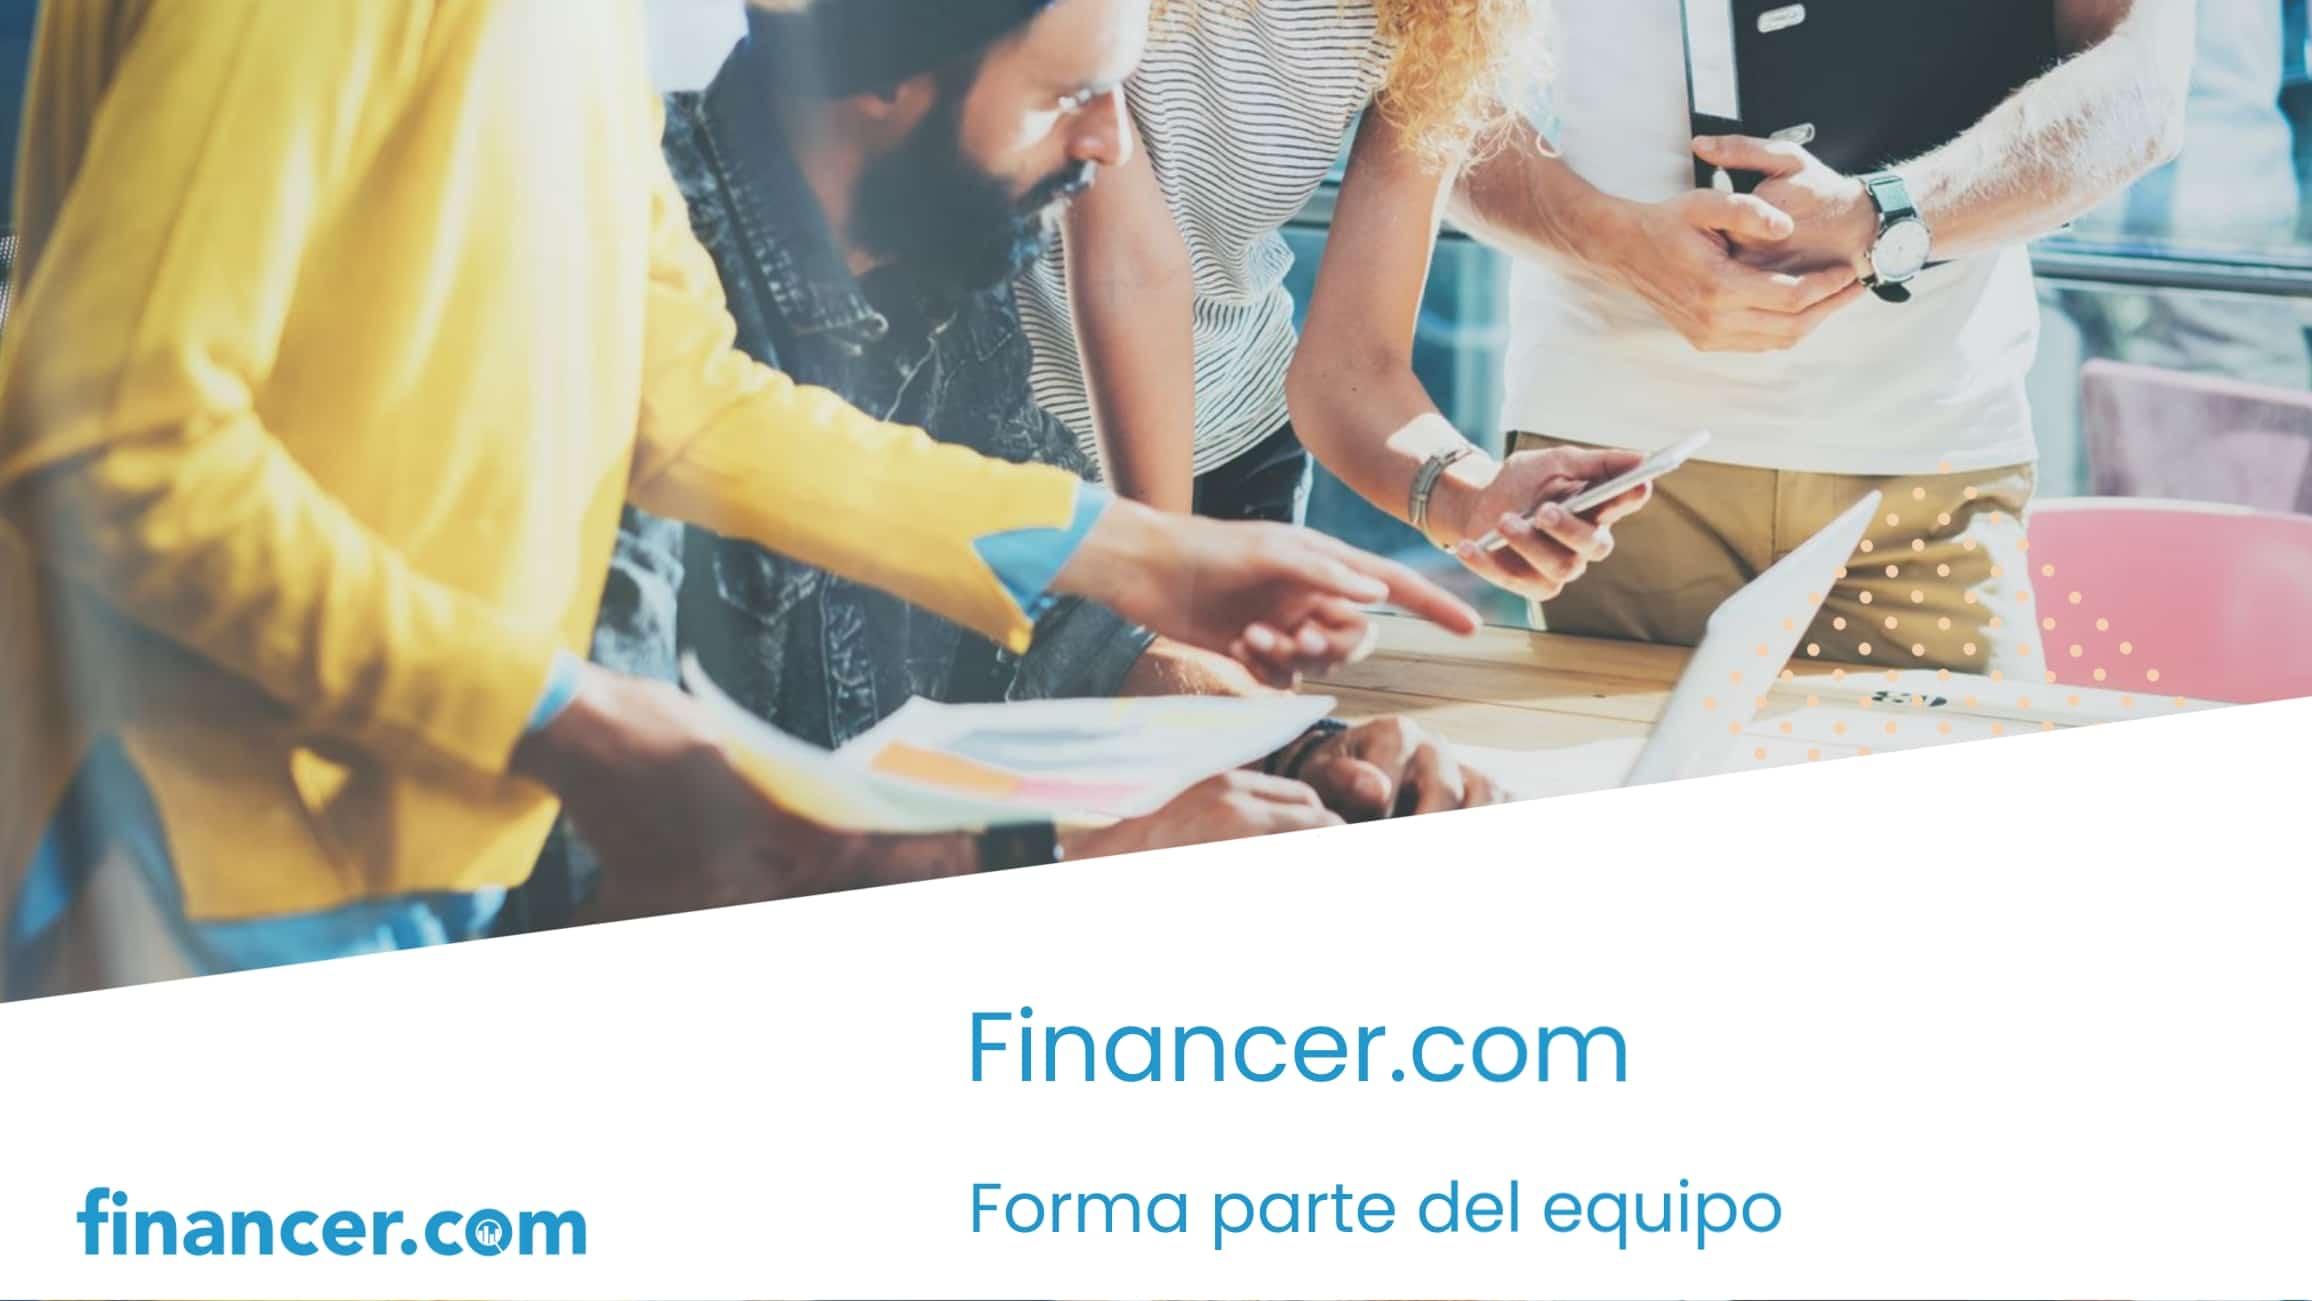 trabajar en financer